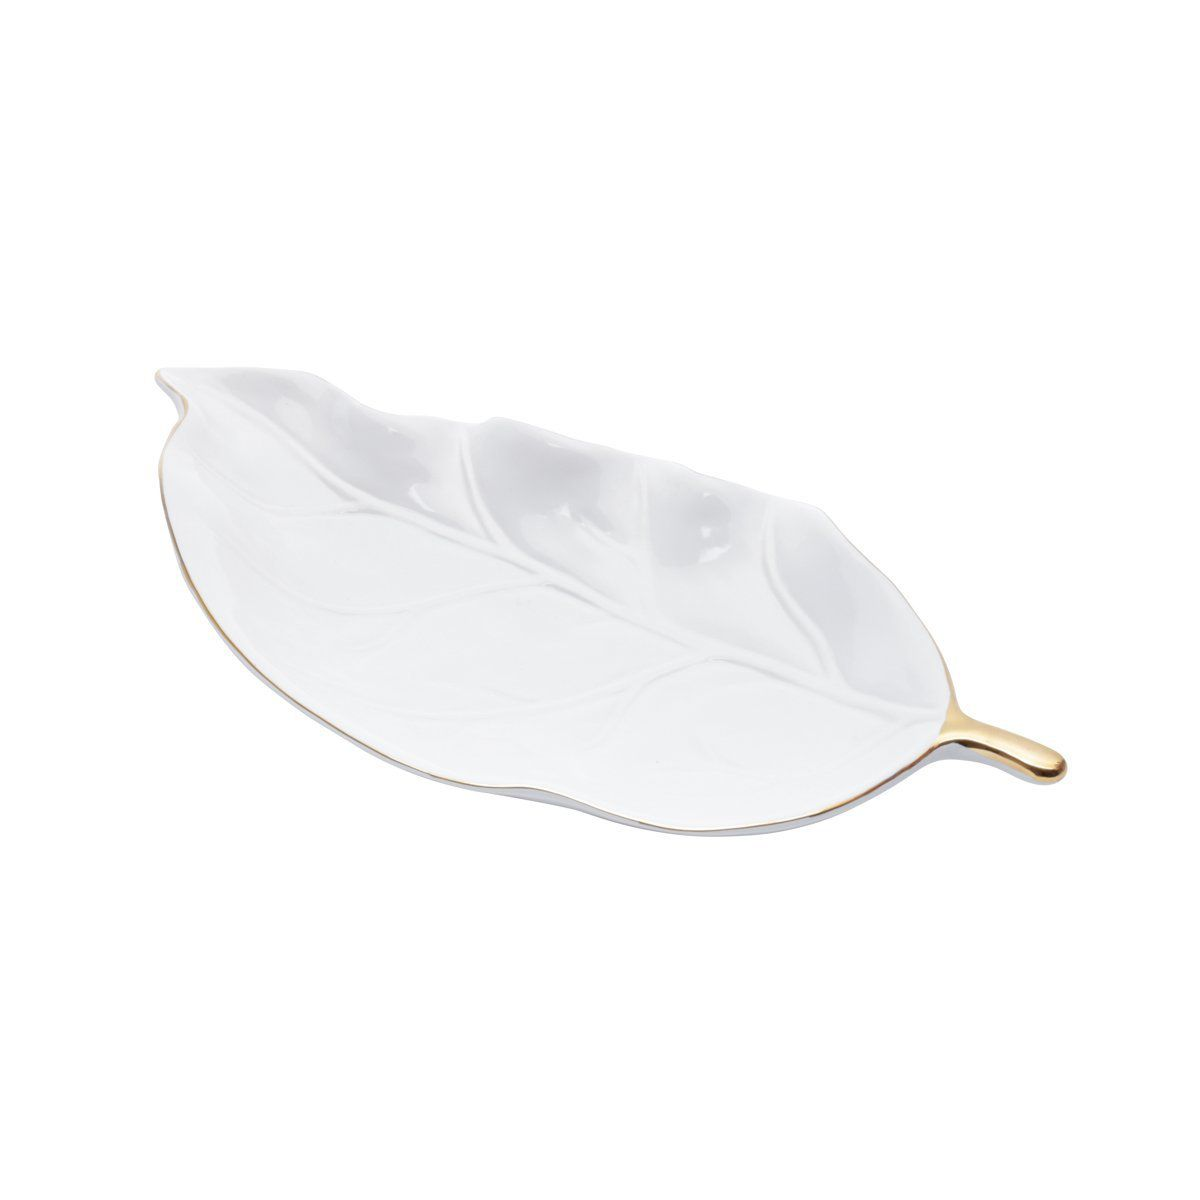 Prato decorativo 27 cm de cerâmica branco e dourado White Leaf Prestige - 26081